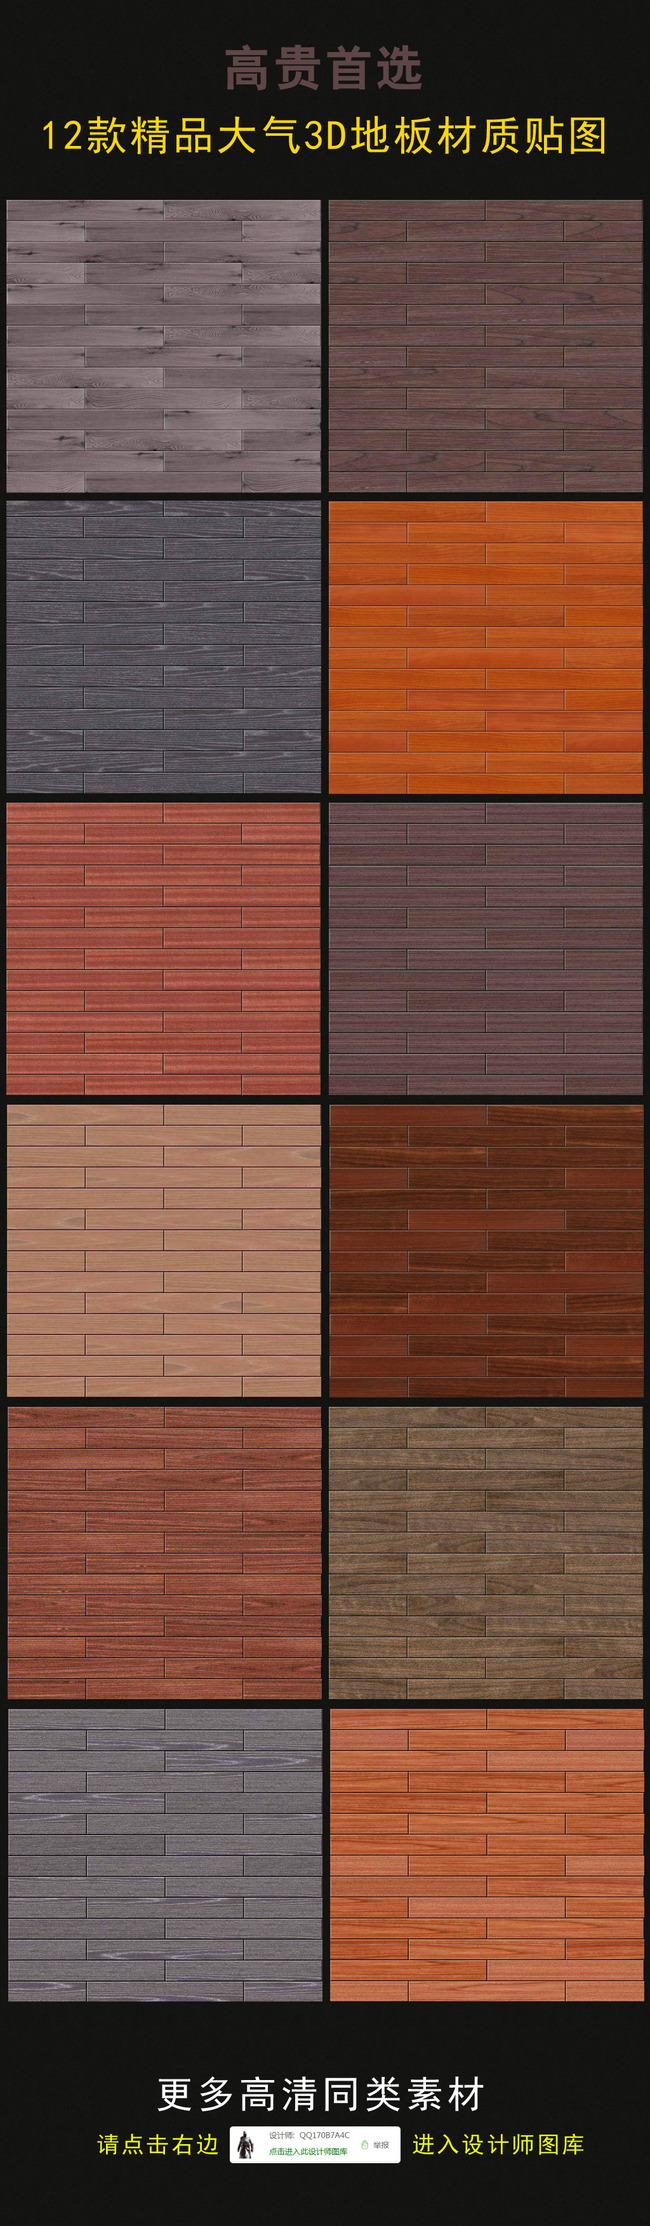 3d地板材质贴图-木板贴图-大理石贴图|木材贴图